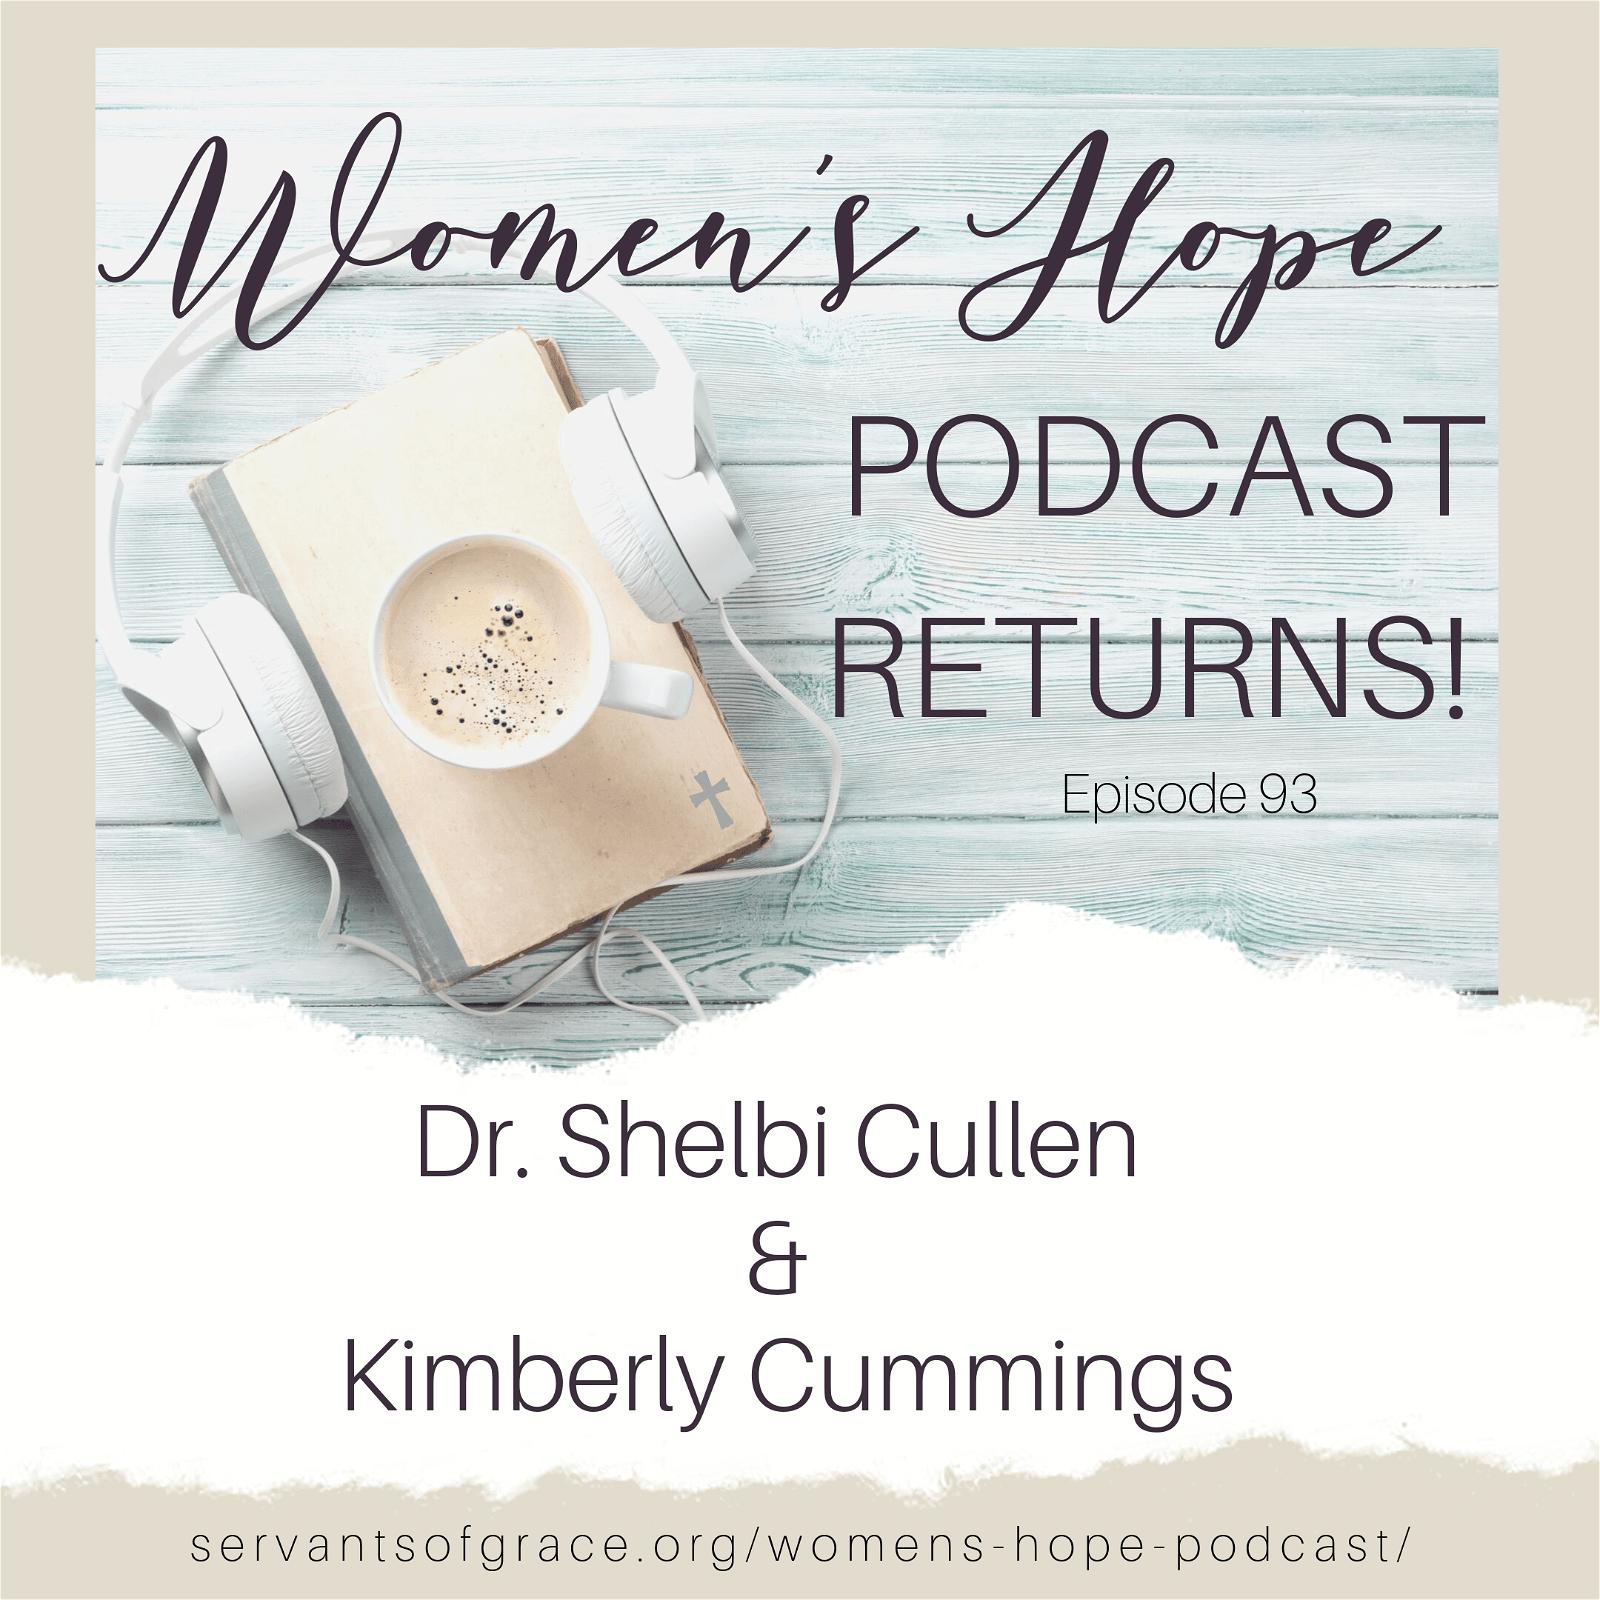 Women's Hope Podcast Returns!